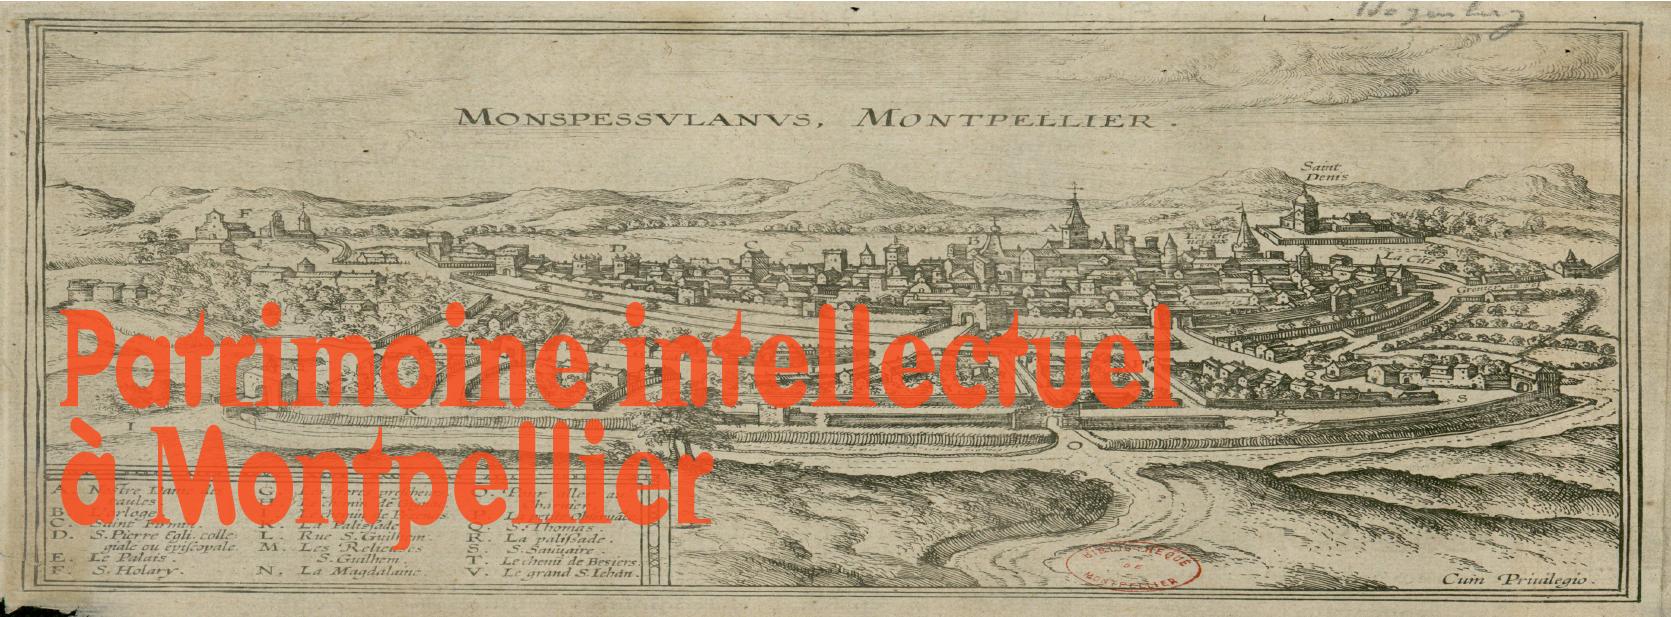 Patrimoine intellectuel à Montpellier